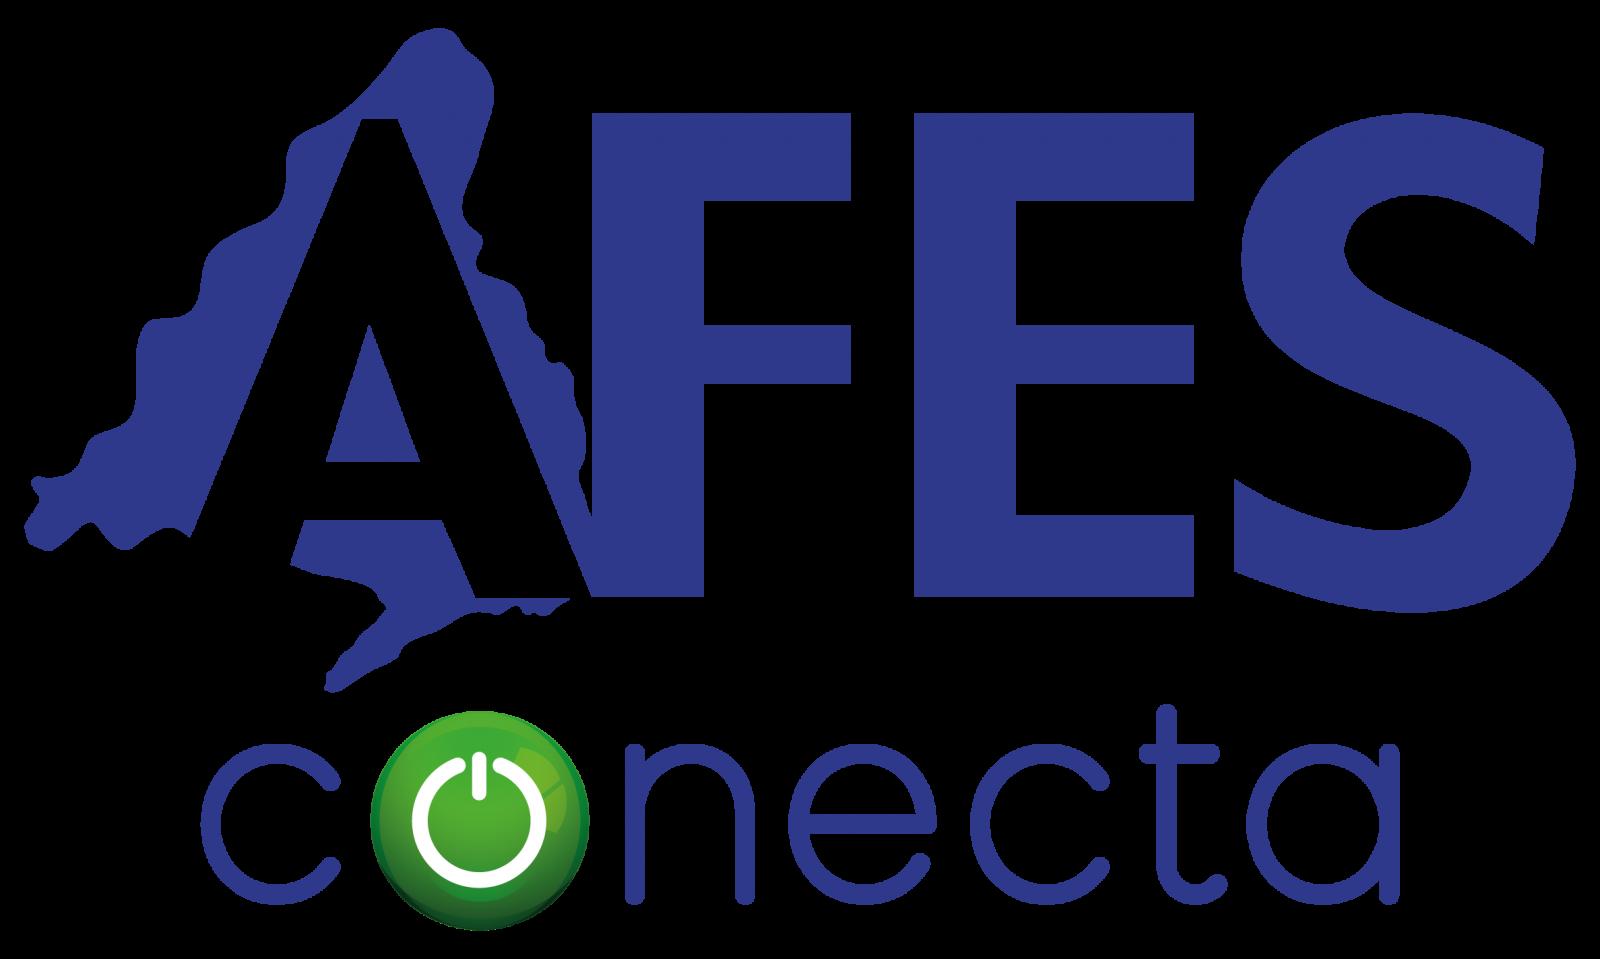 AFES Conecta